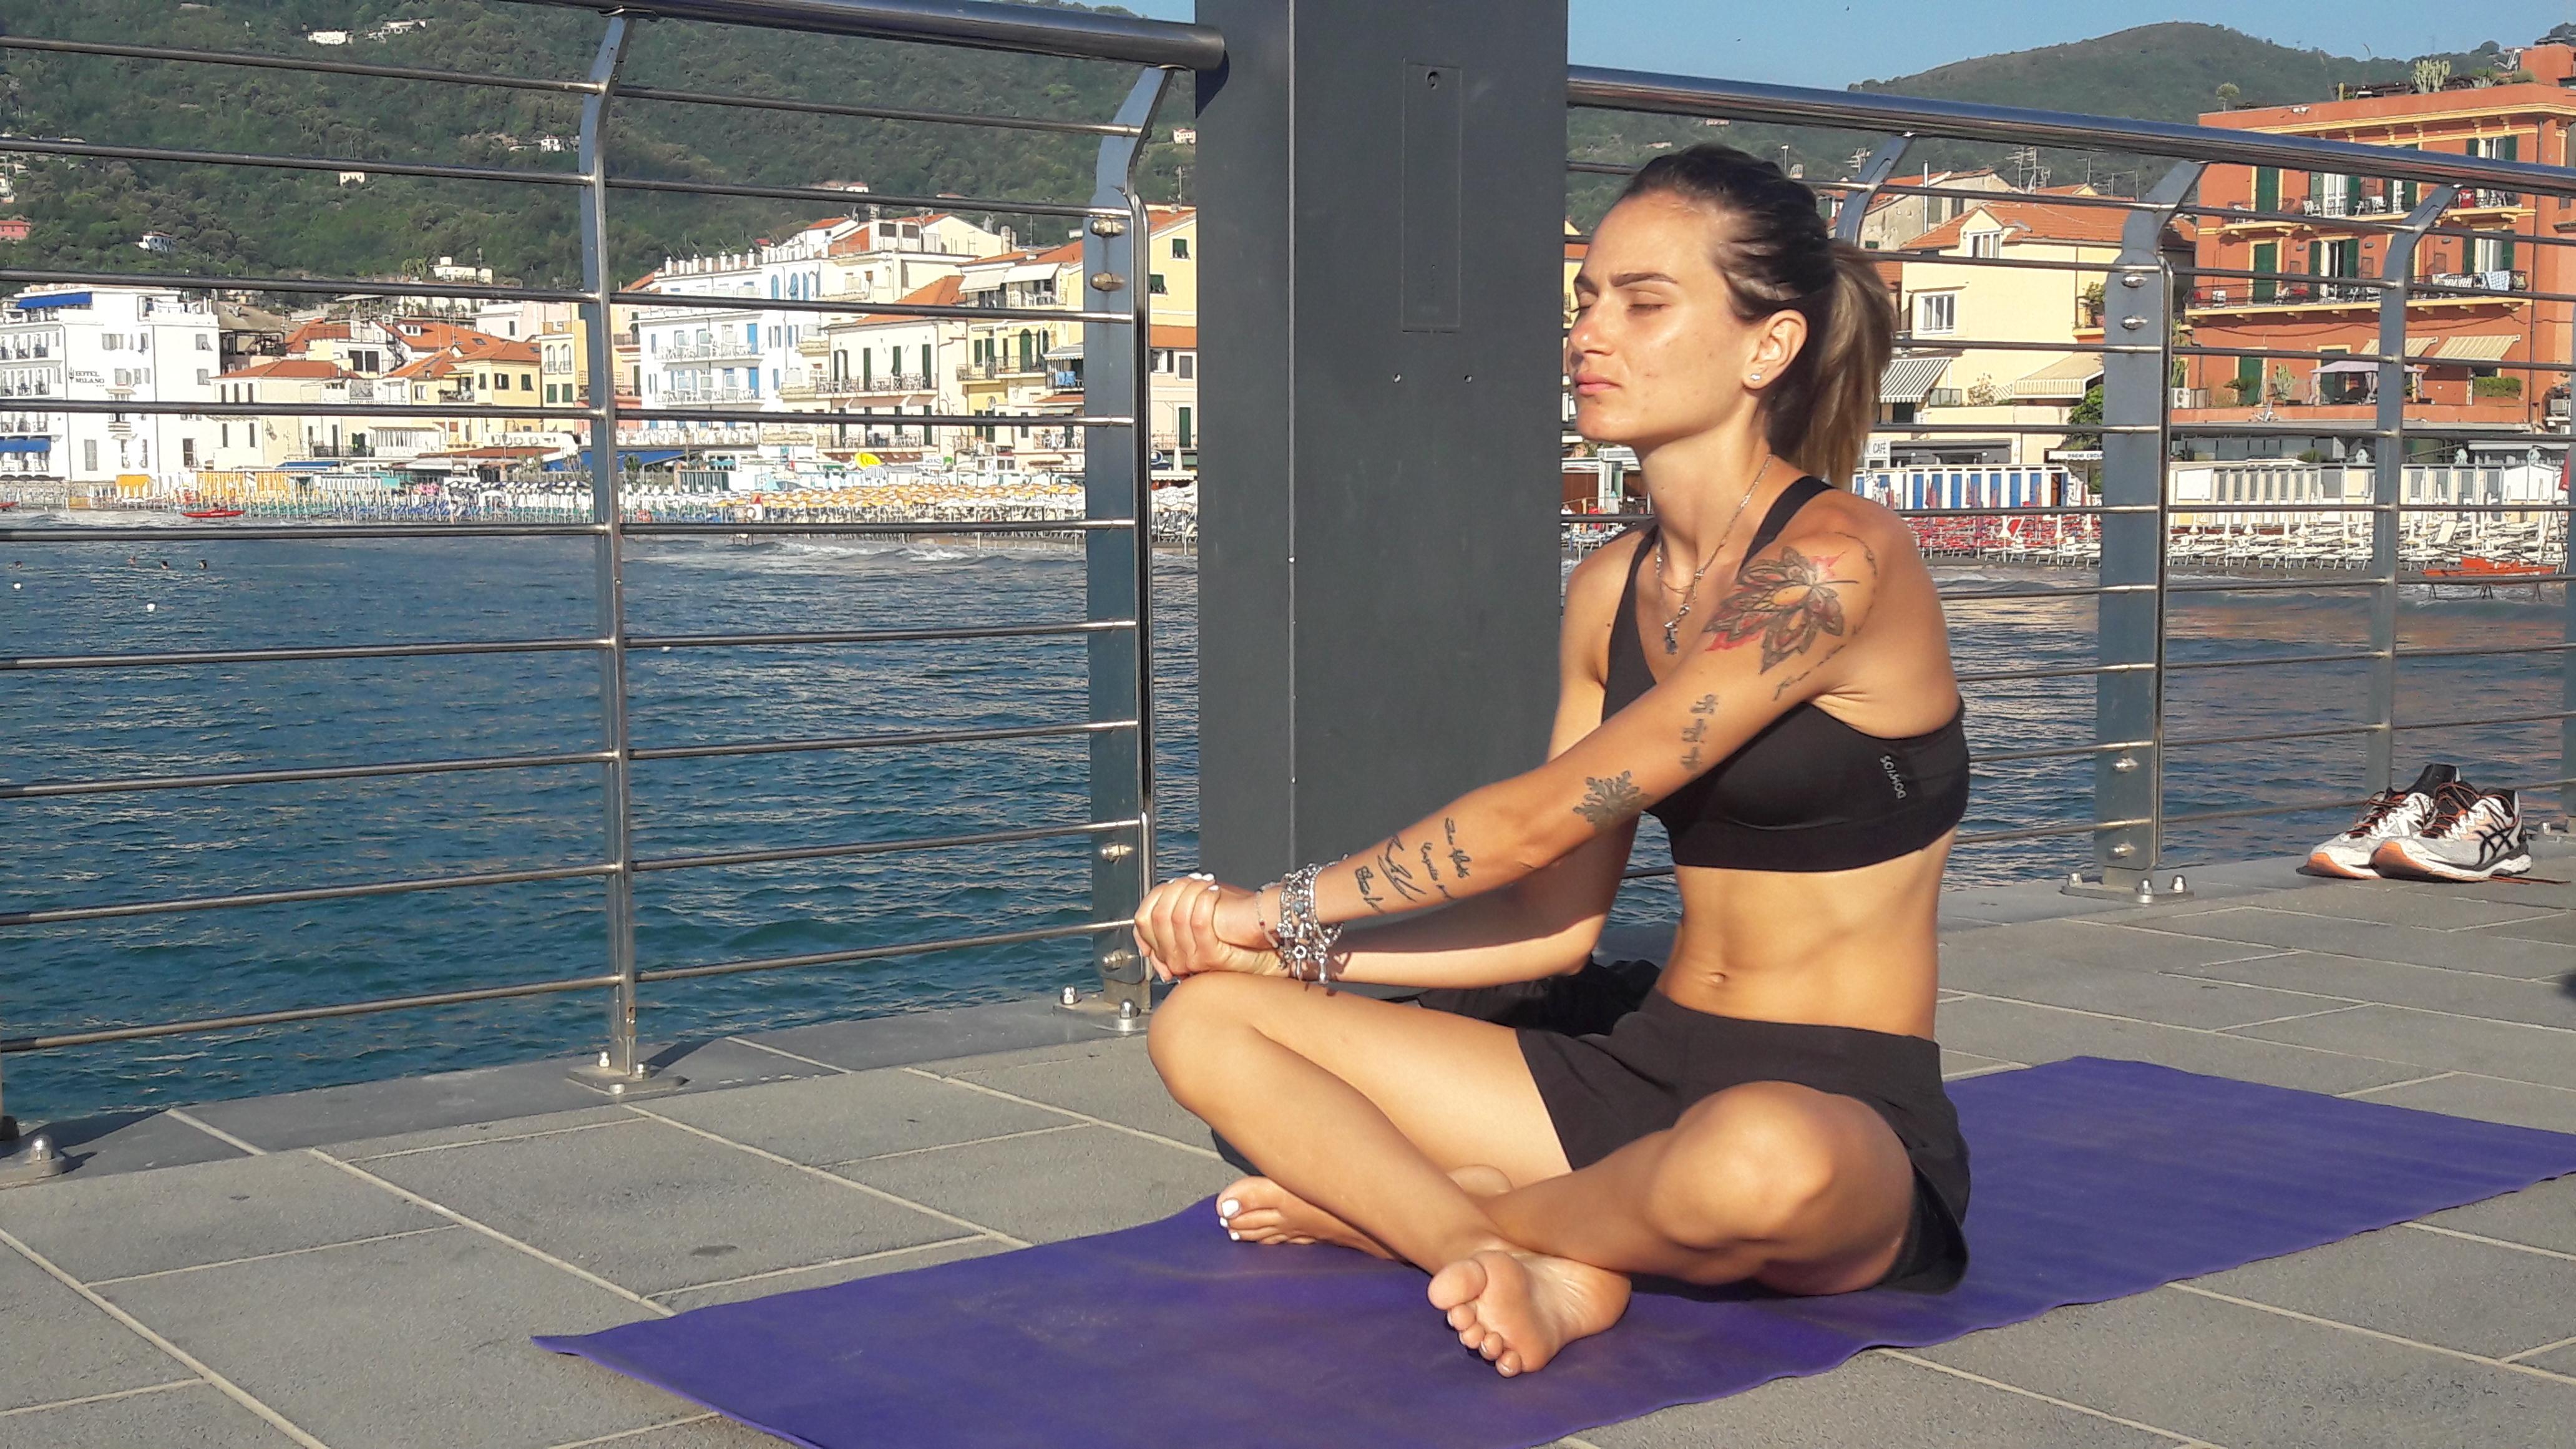 essere-free-yoga-gratuito-benessere-per-tutti-village-citta-alassio-estate-lucia-ragazzi-summer-town-wellness-113